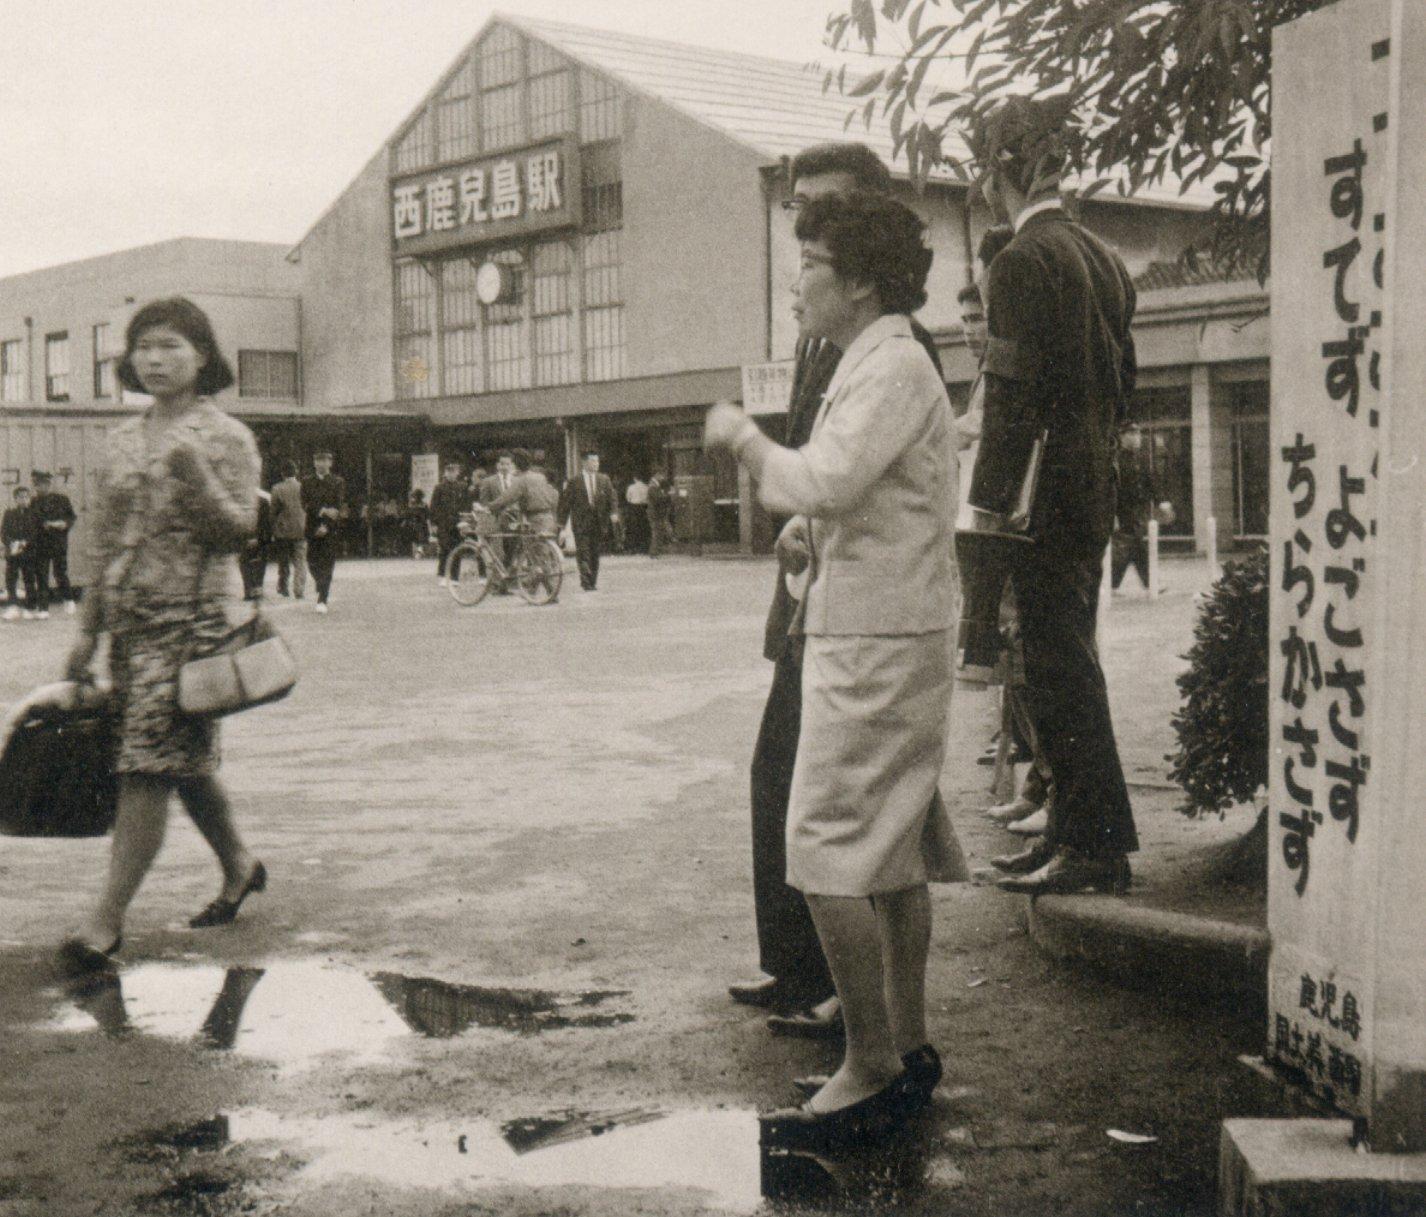 昭和43年 西鹿児島駅前 : 昭和の風景 昭和43年編(1968年) - NAVER まとめ